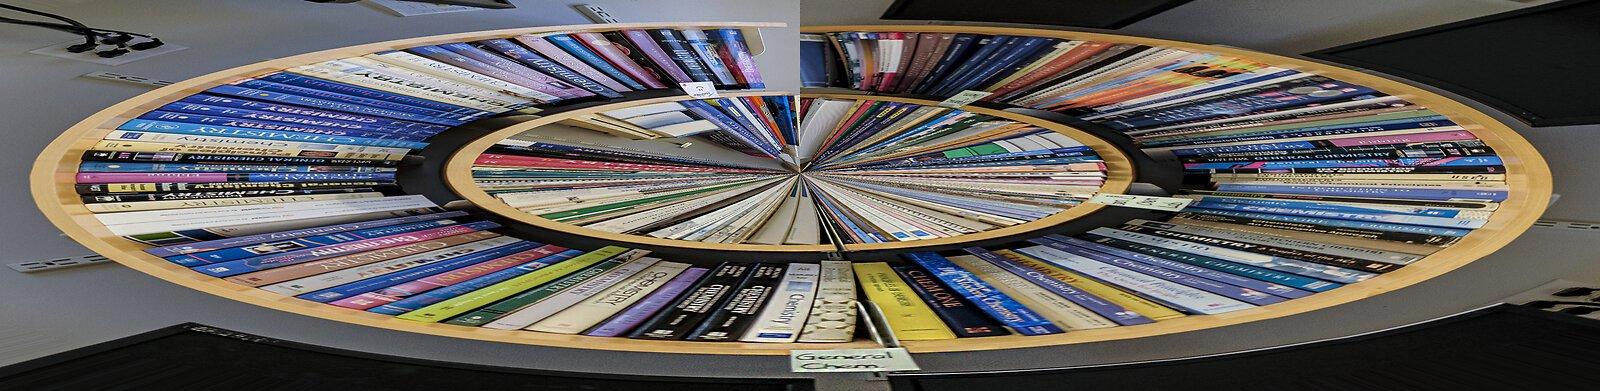 polar bookshelf2.jpg